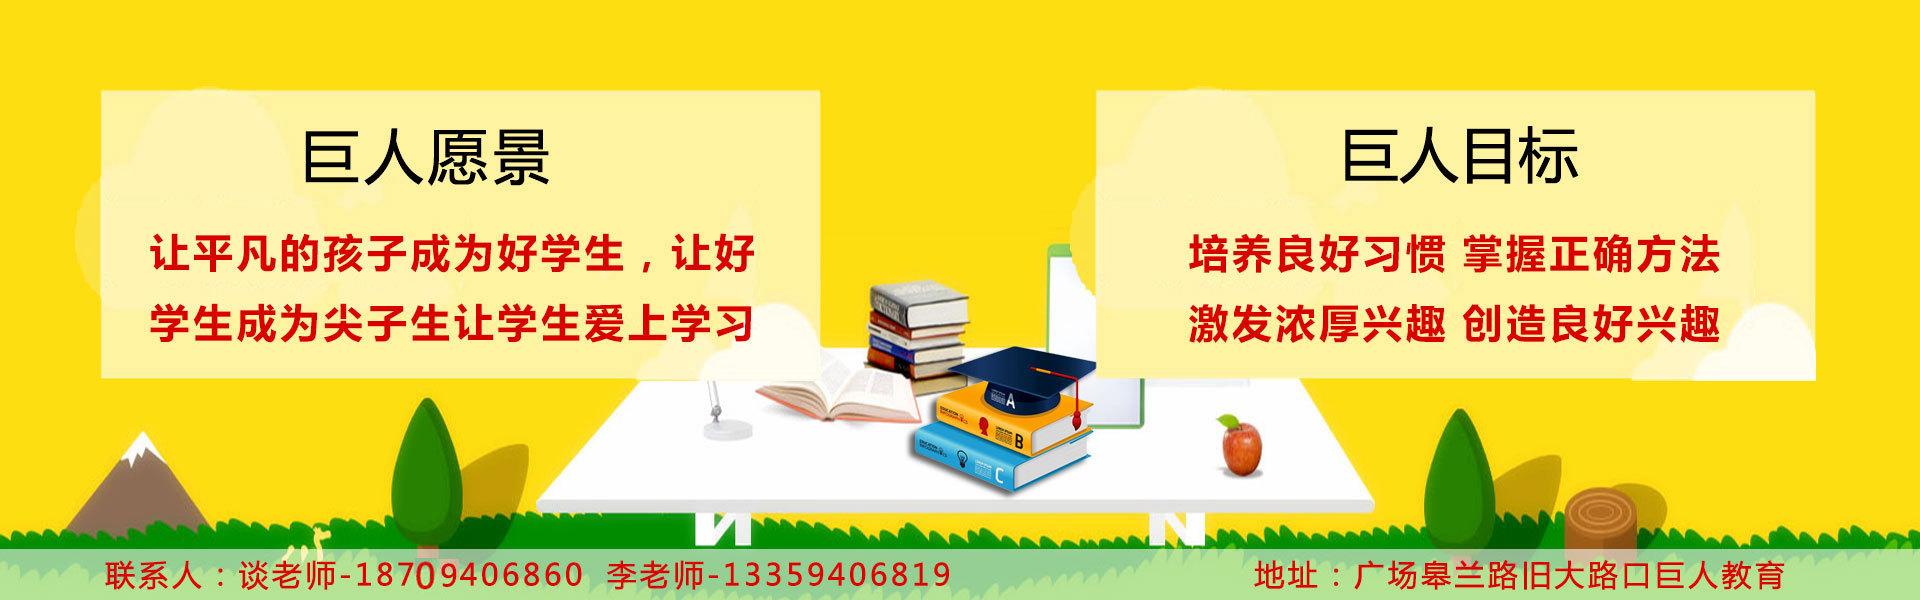 兰州小学英语辅导班,兰州概念英语培训